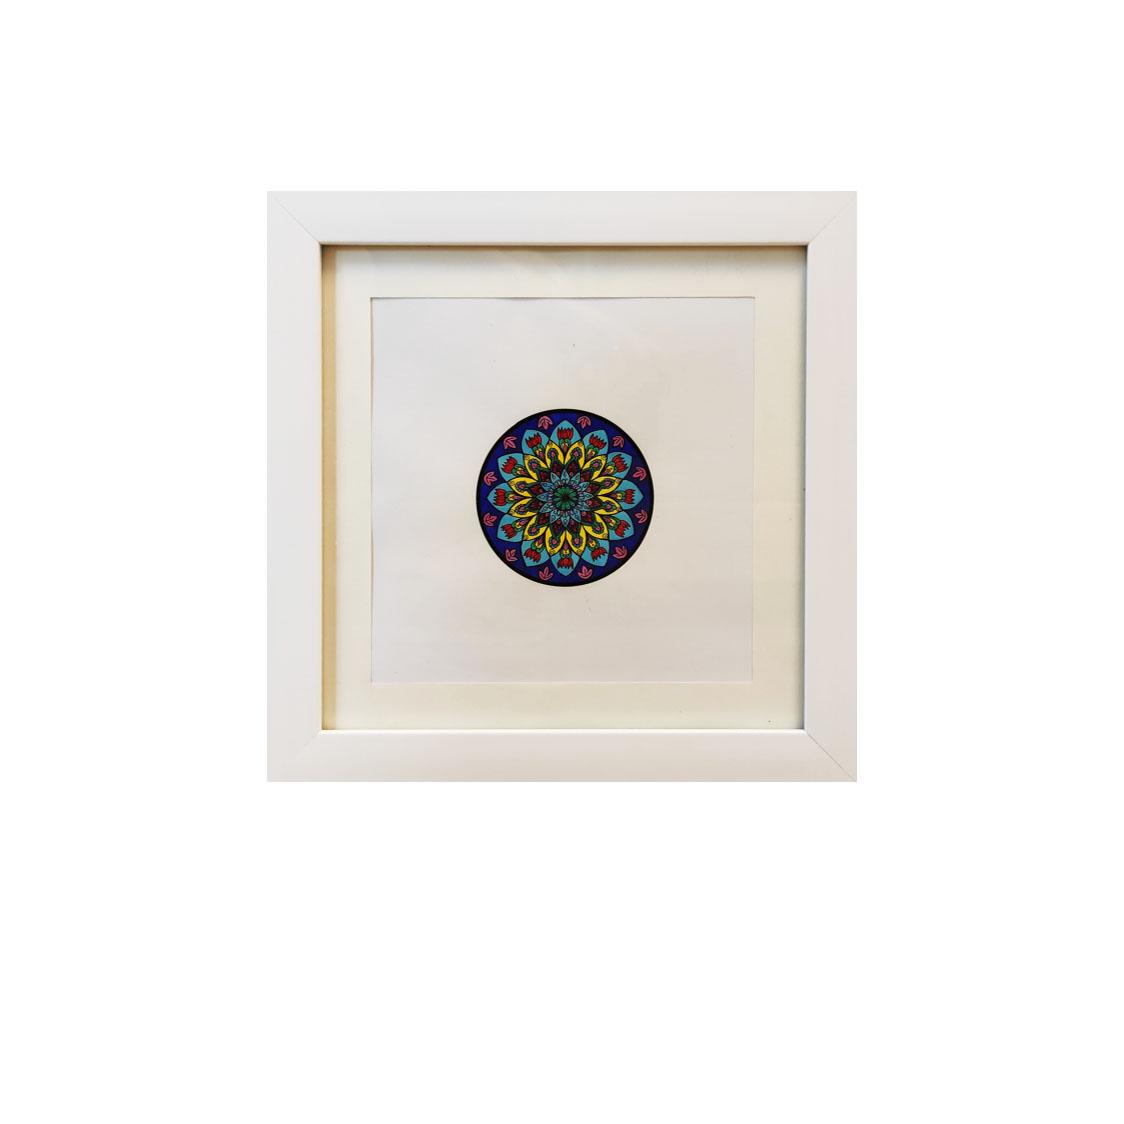 تابلو نقاشی آبرنگ طرح ماندالا کد ۰۰6